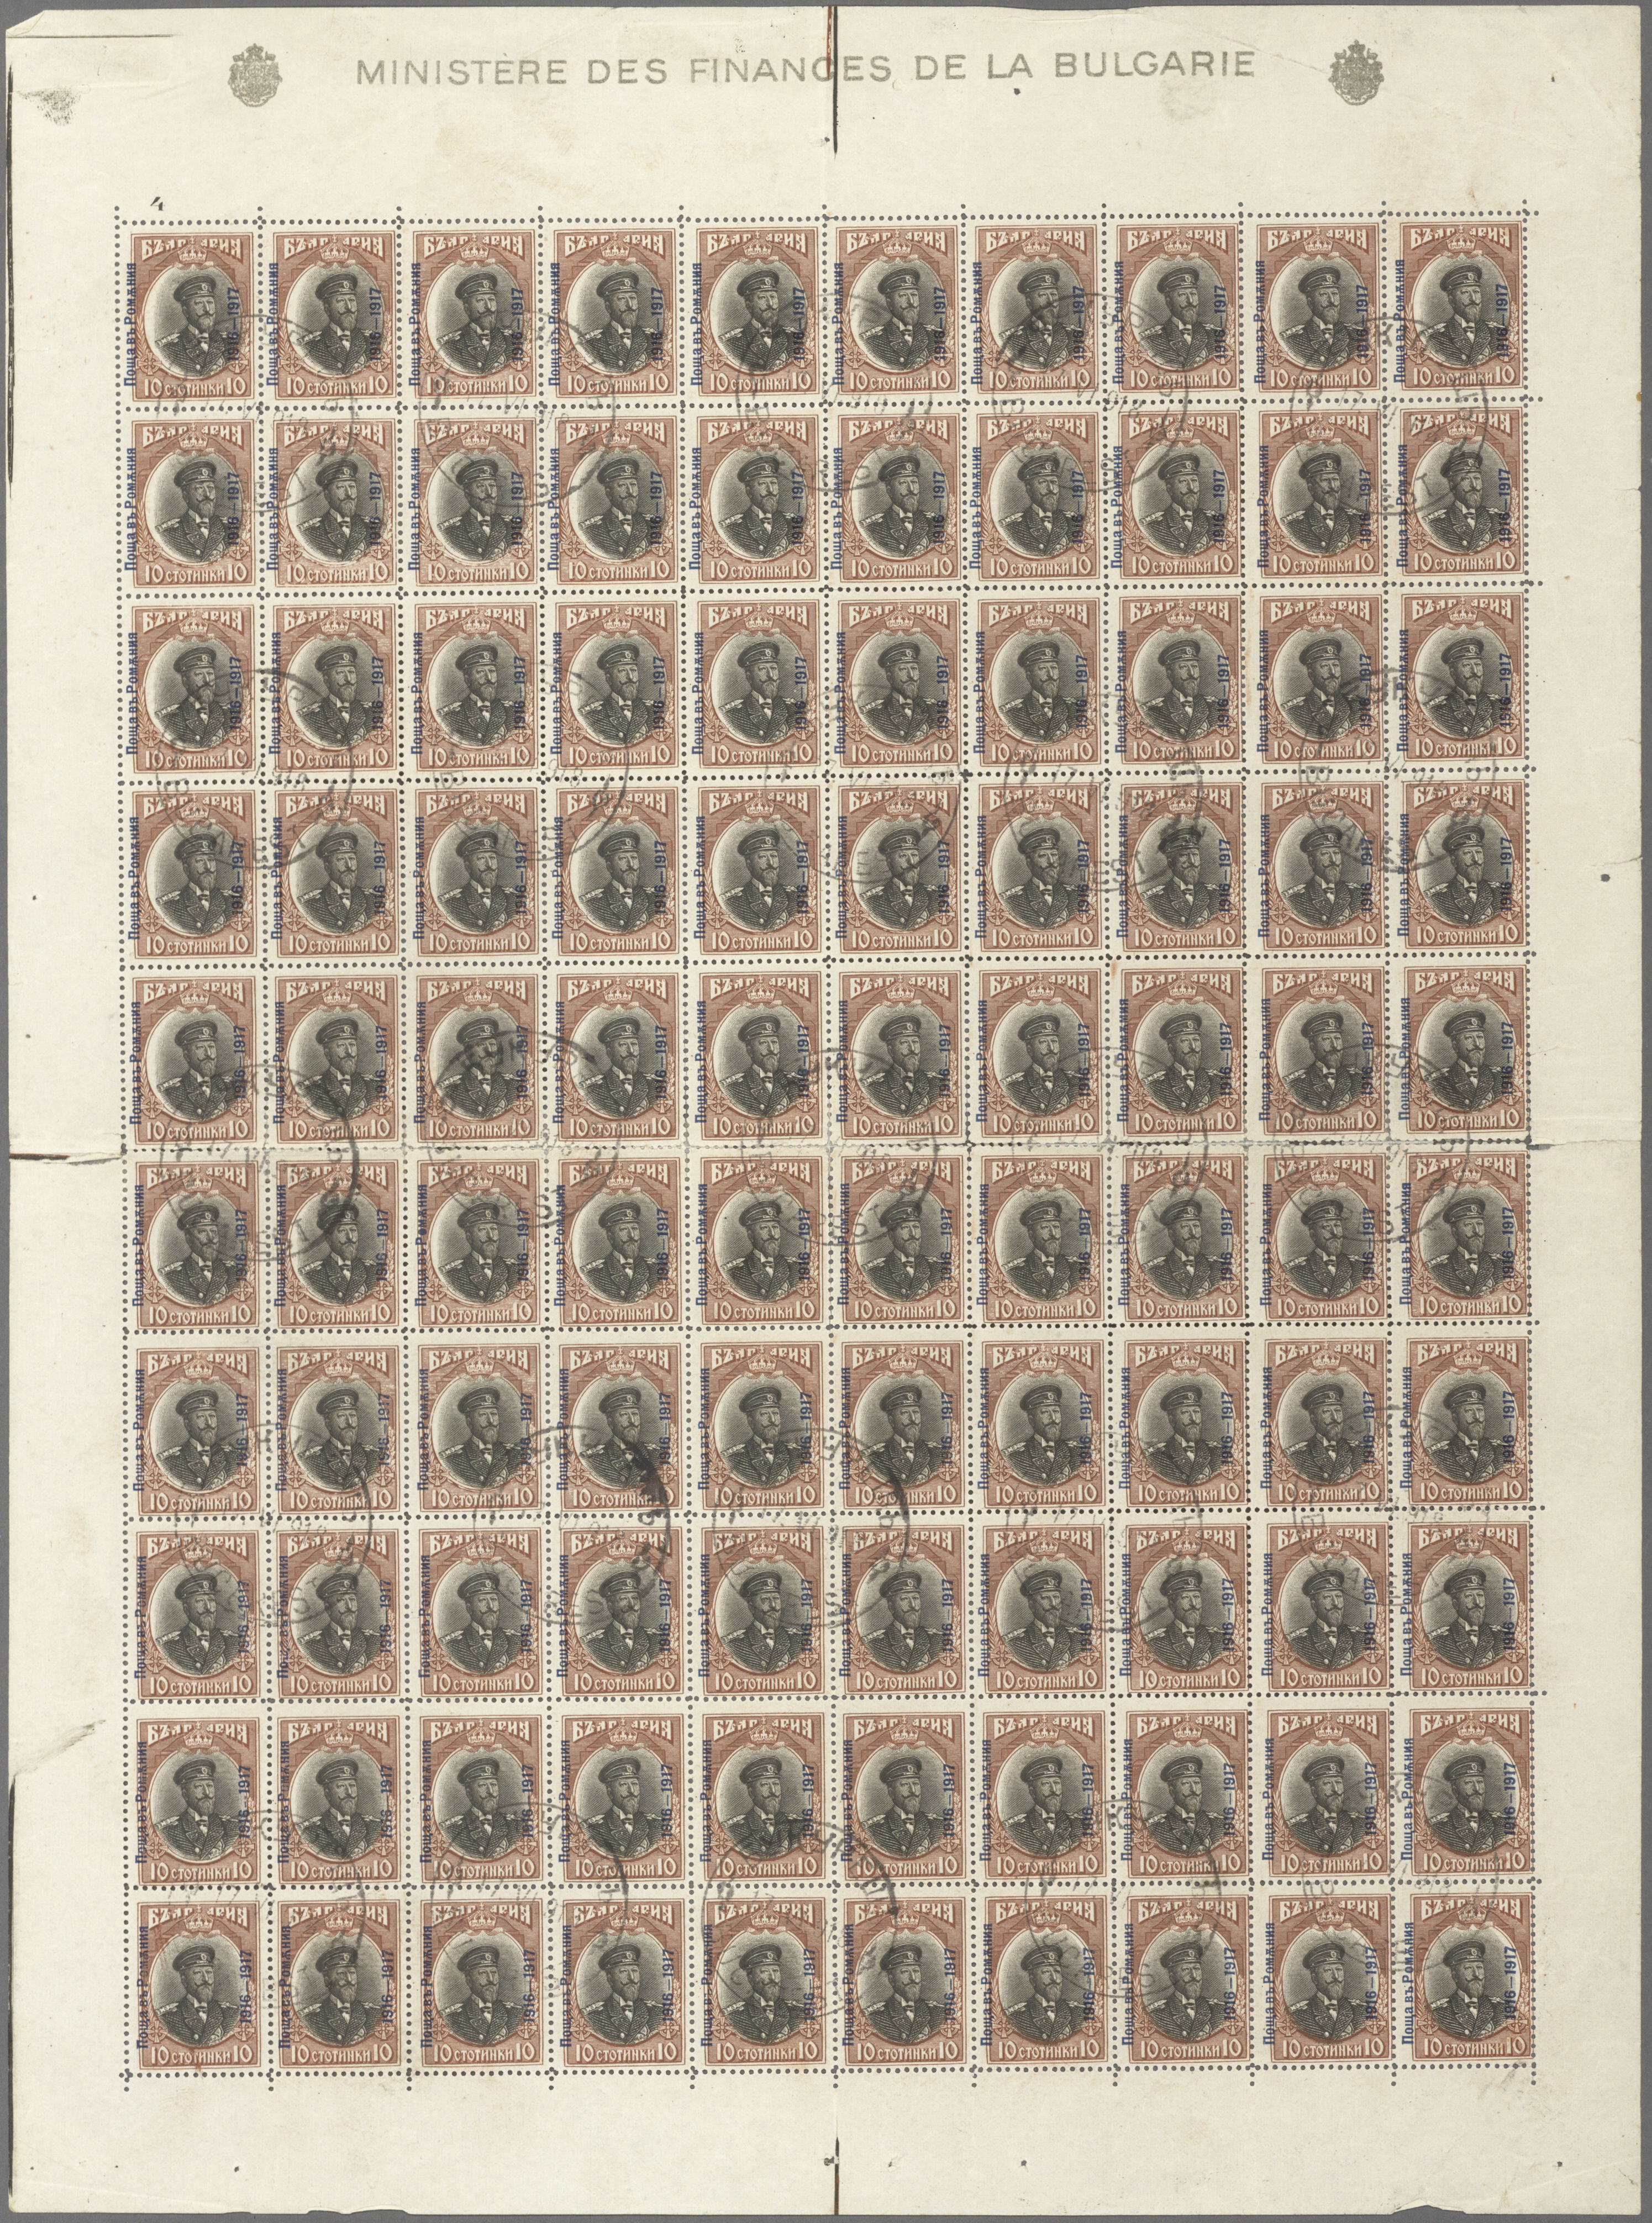 Lot 23787 - Bulgarien - Besetzung von Rumänien  -  Auktionshaus Christoph Gärtner GmbH & Co. KG Sale #46 Collections Worldwide